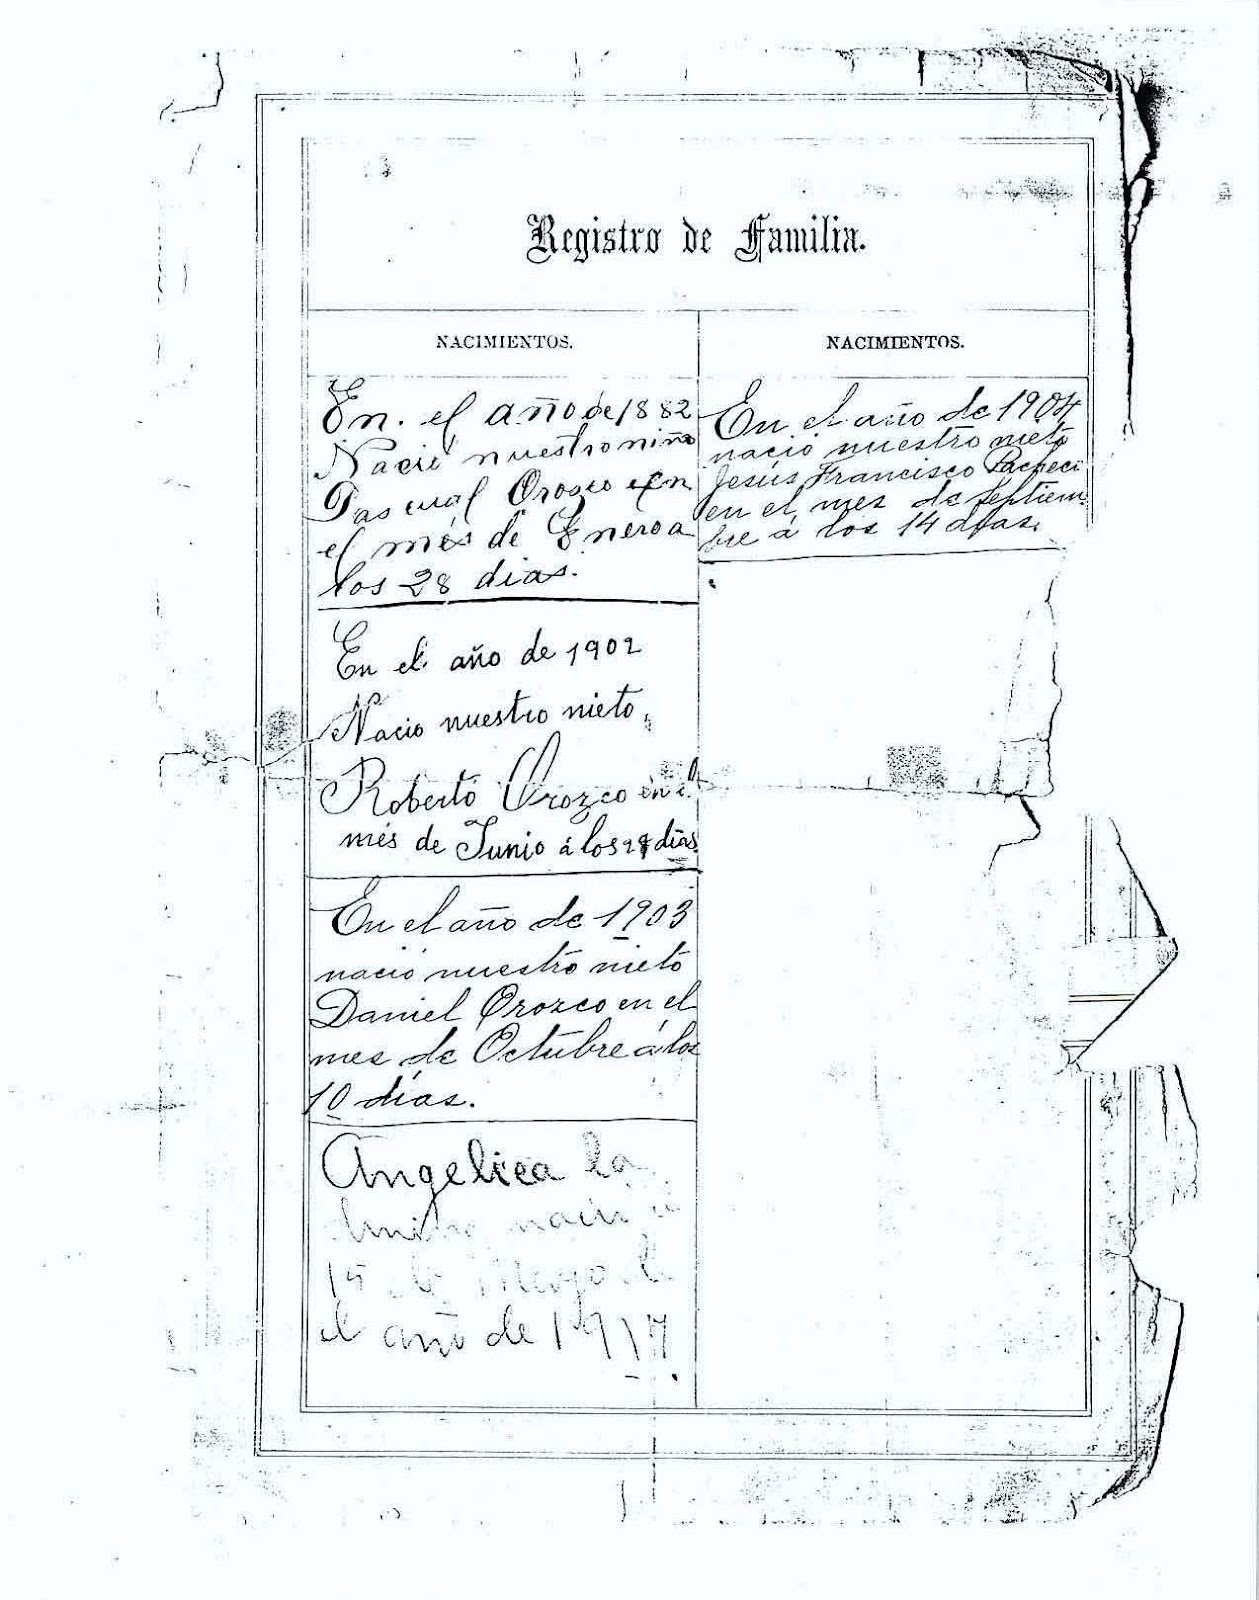 Pascual Orozco, el Rebelde del Norte: Registros de Familia